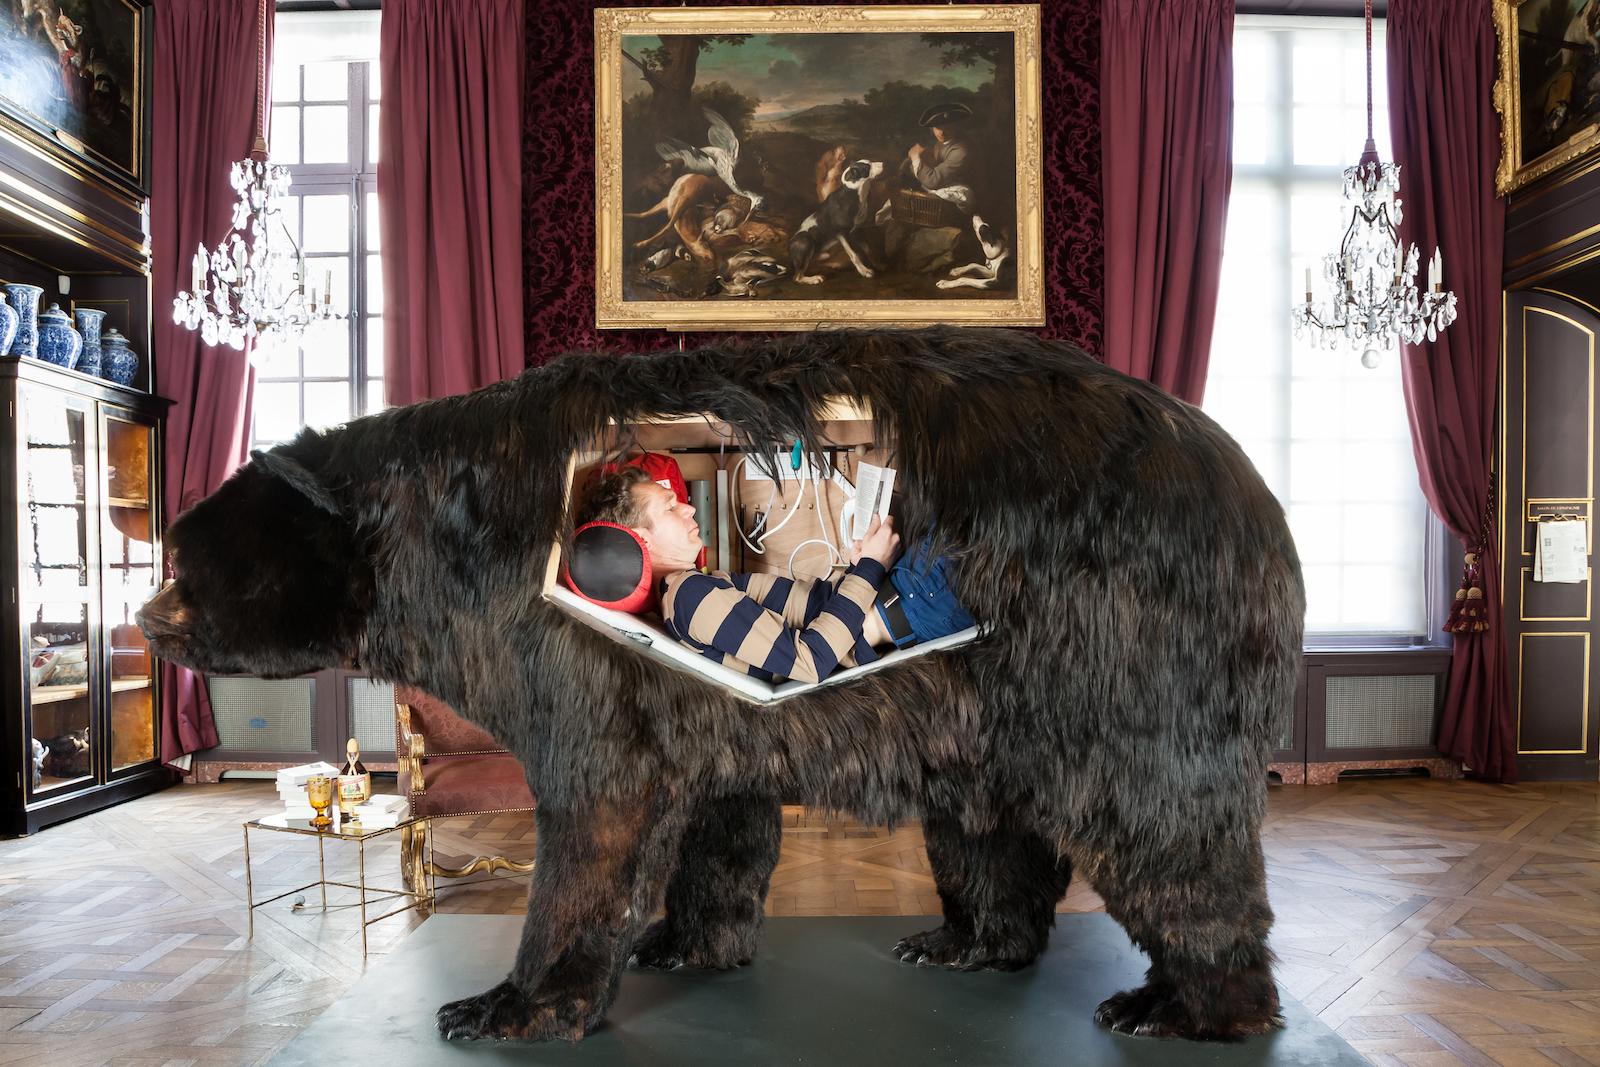 Abraham Poincheval Ours, 2014  160 x 220 x 110 cm Matériaux mixtes © Musée de la chasse et de la nature. Photo : S. Lloyd. Courtesy Semiose galerie, Paris.